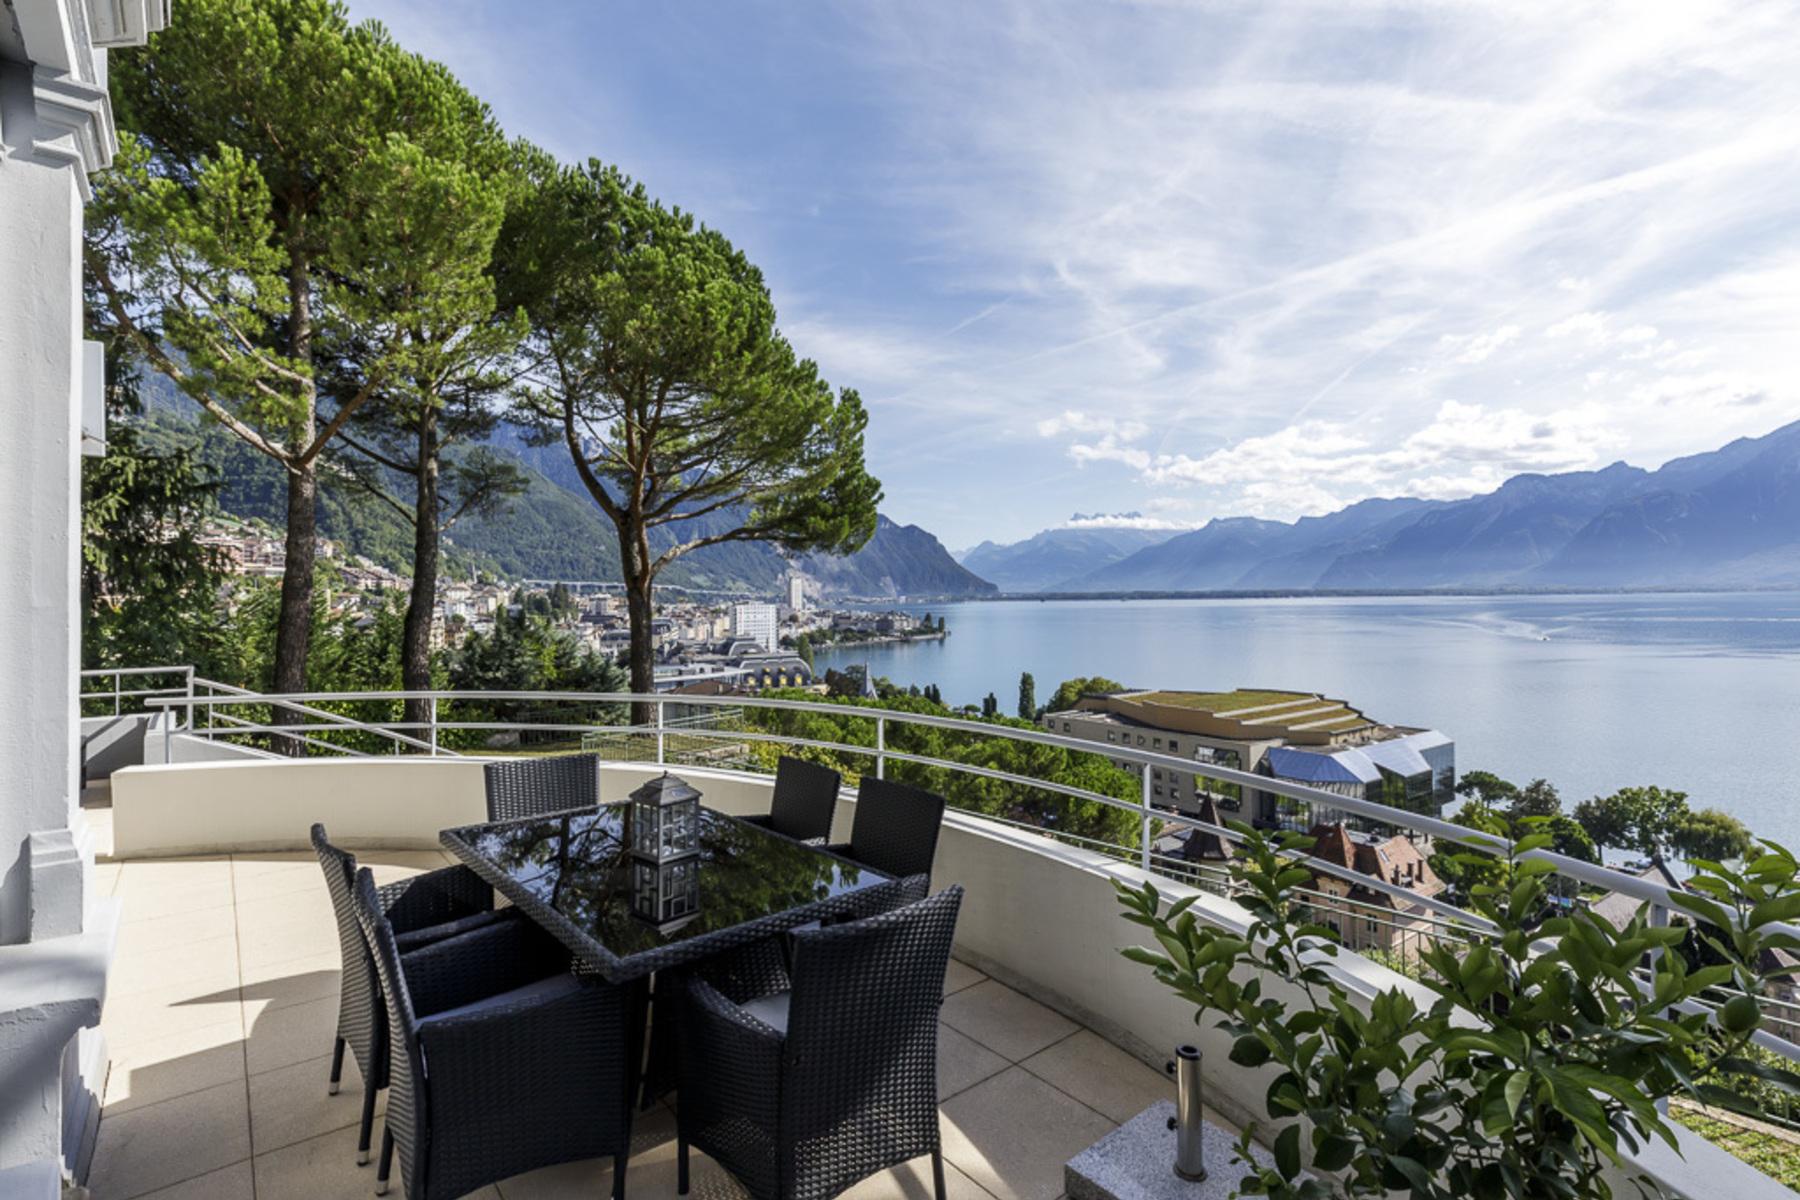 Copropriété pour l Vente à Magnificent apartment with spacious terrace and unobstructed views over the lake Montreux, Montreux, Vaud, 1820 Suisse